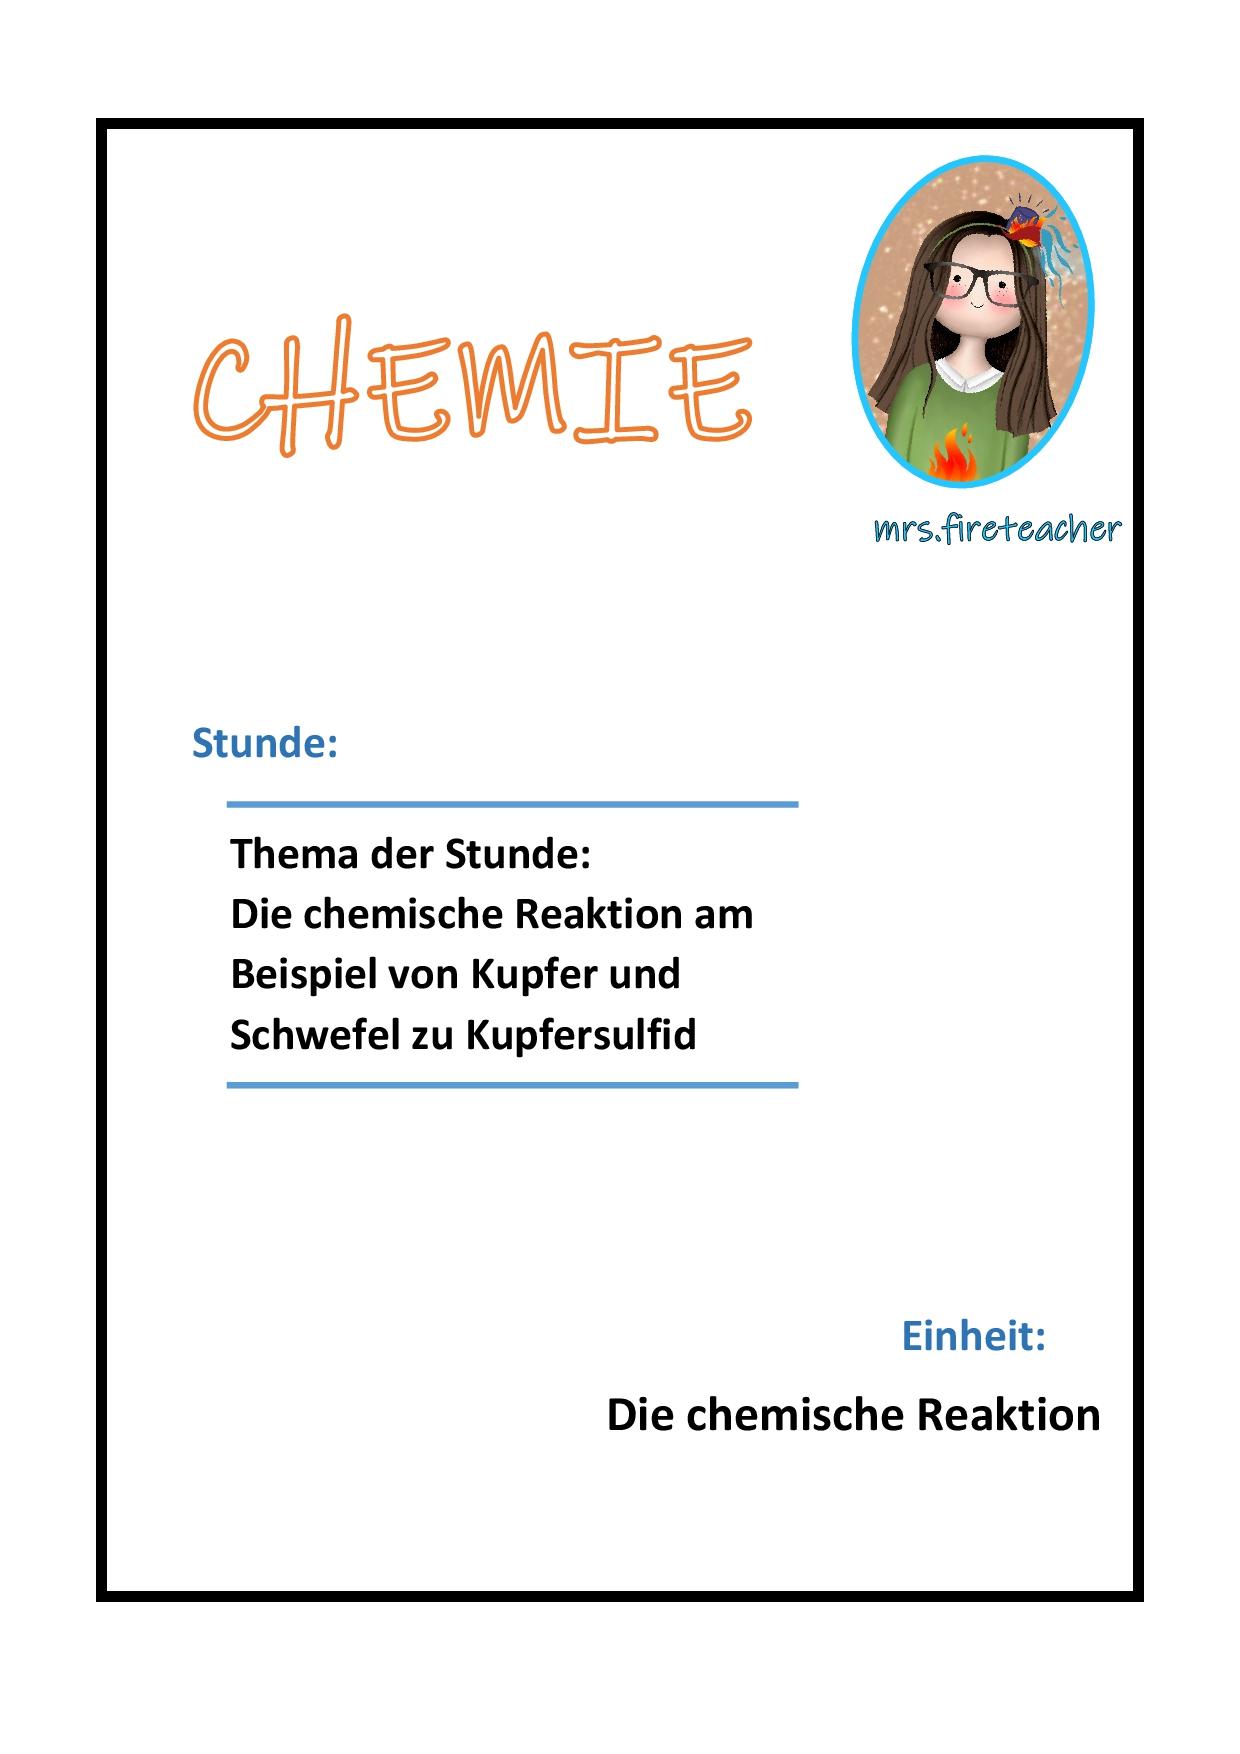 Versuch Kupfer Und Schwefel Stundenentwurf Die Chemische Reaktion Unterrichtsmaterial Im Fach Chemie In 2020 Chemische Reaktion Chemie Chemisch